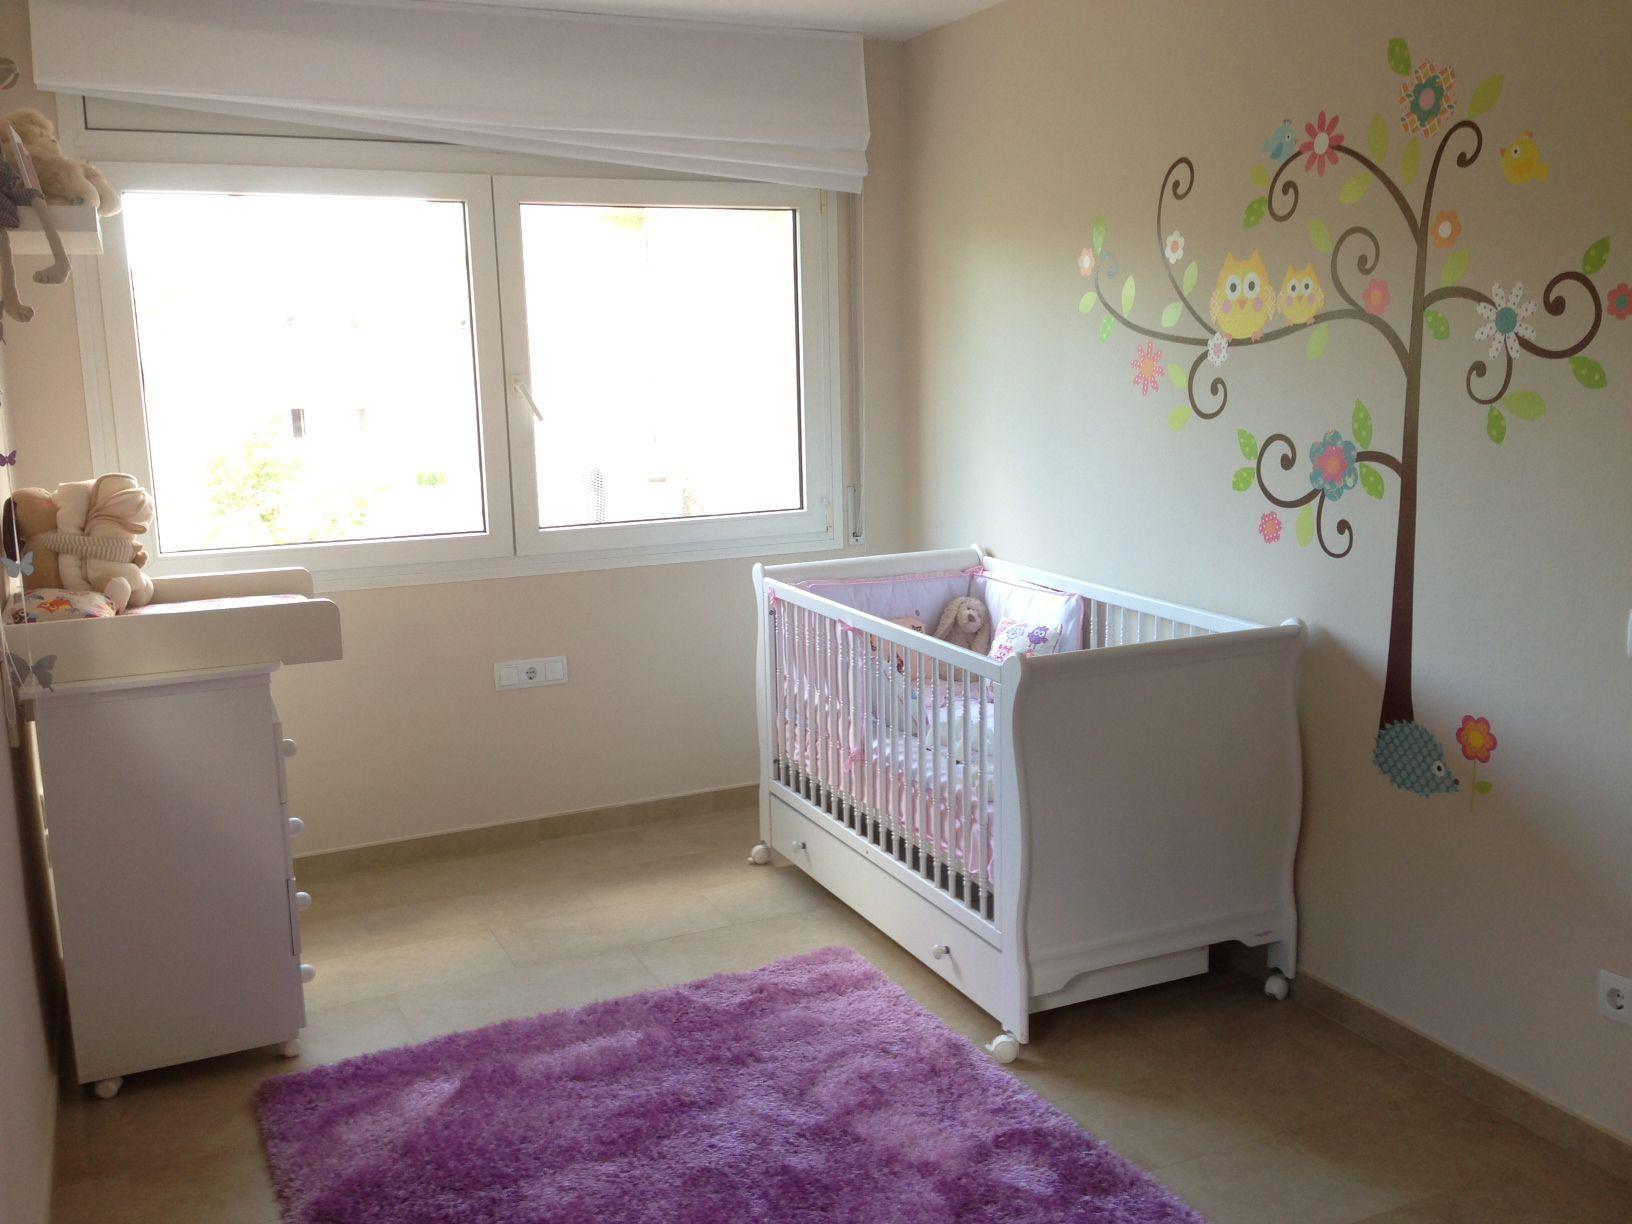 Habitación del bebe, con vinilo Totpint